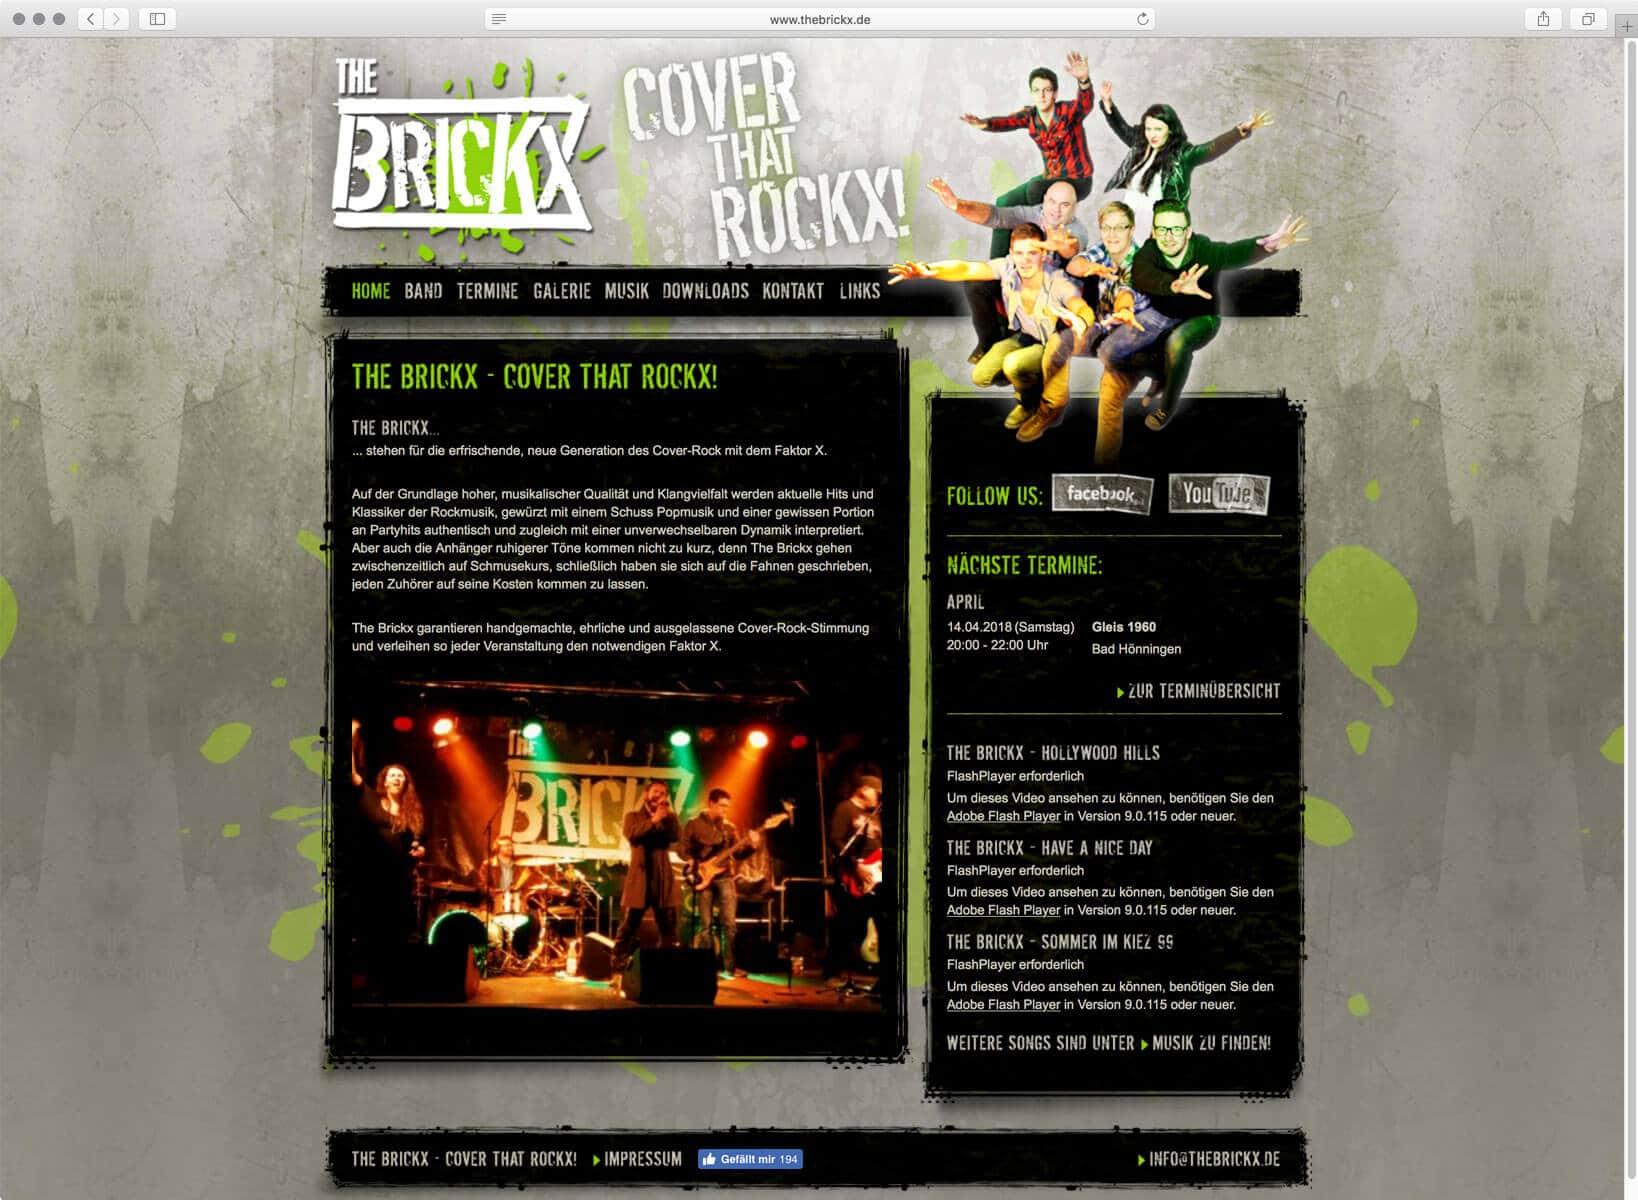 www.thebrickx.de